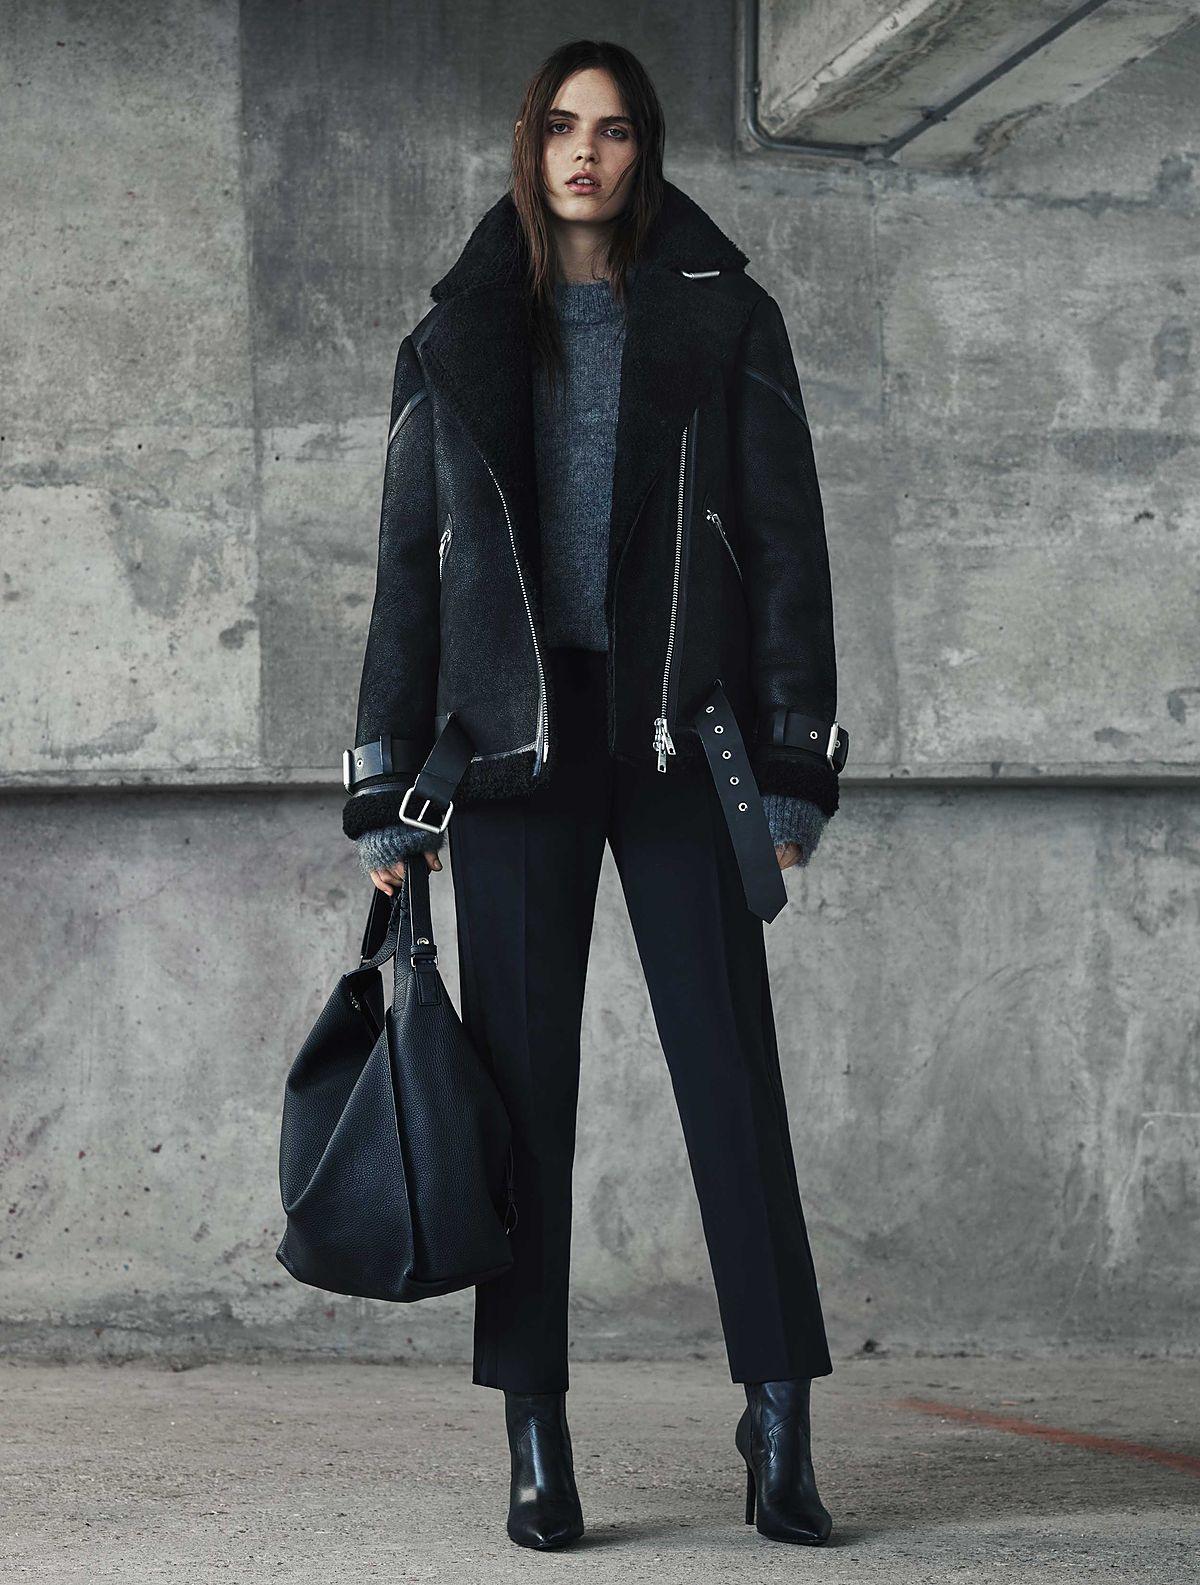 Oversized Shearling Coat Fashion Women S Coat 2017